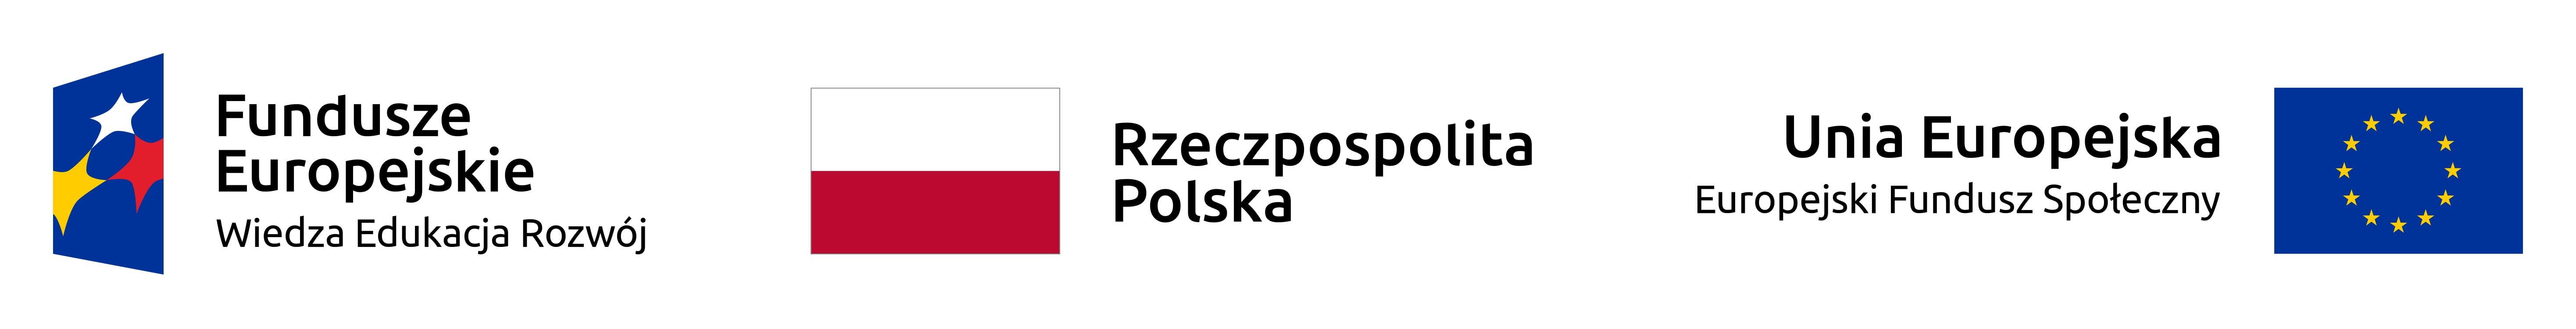 Logotyp Funduszy Europejskich, Logotyp Rzeczpospolita Polska, Logotyp Europejskich Funduszy Społecznych